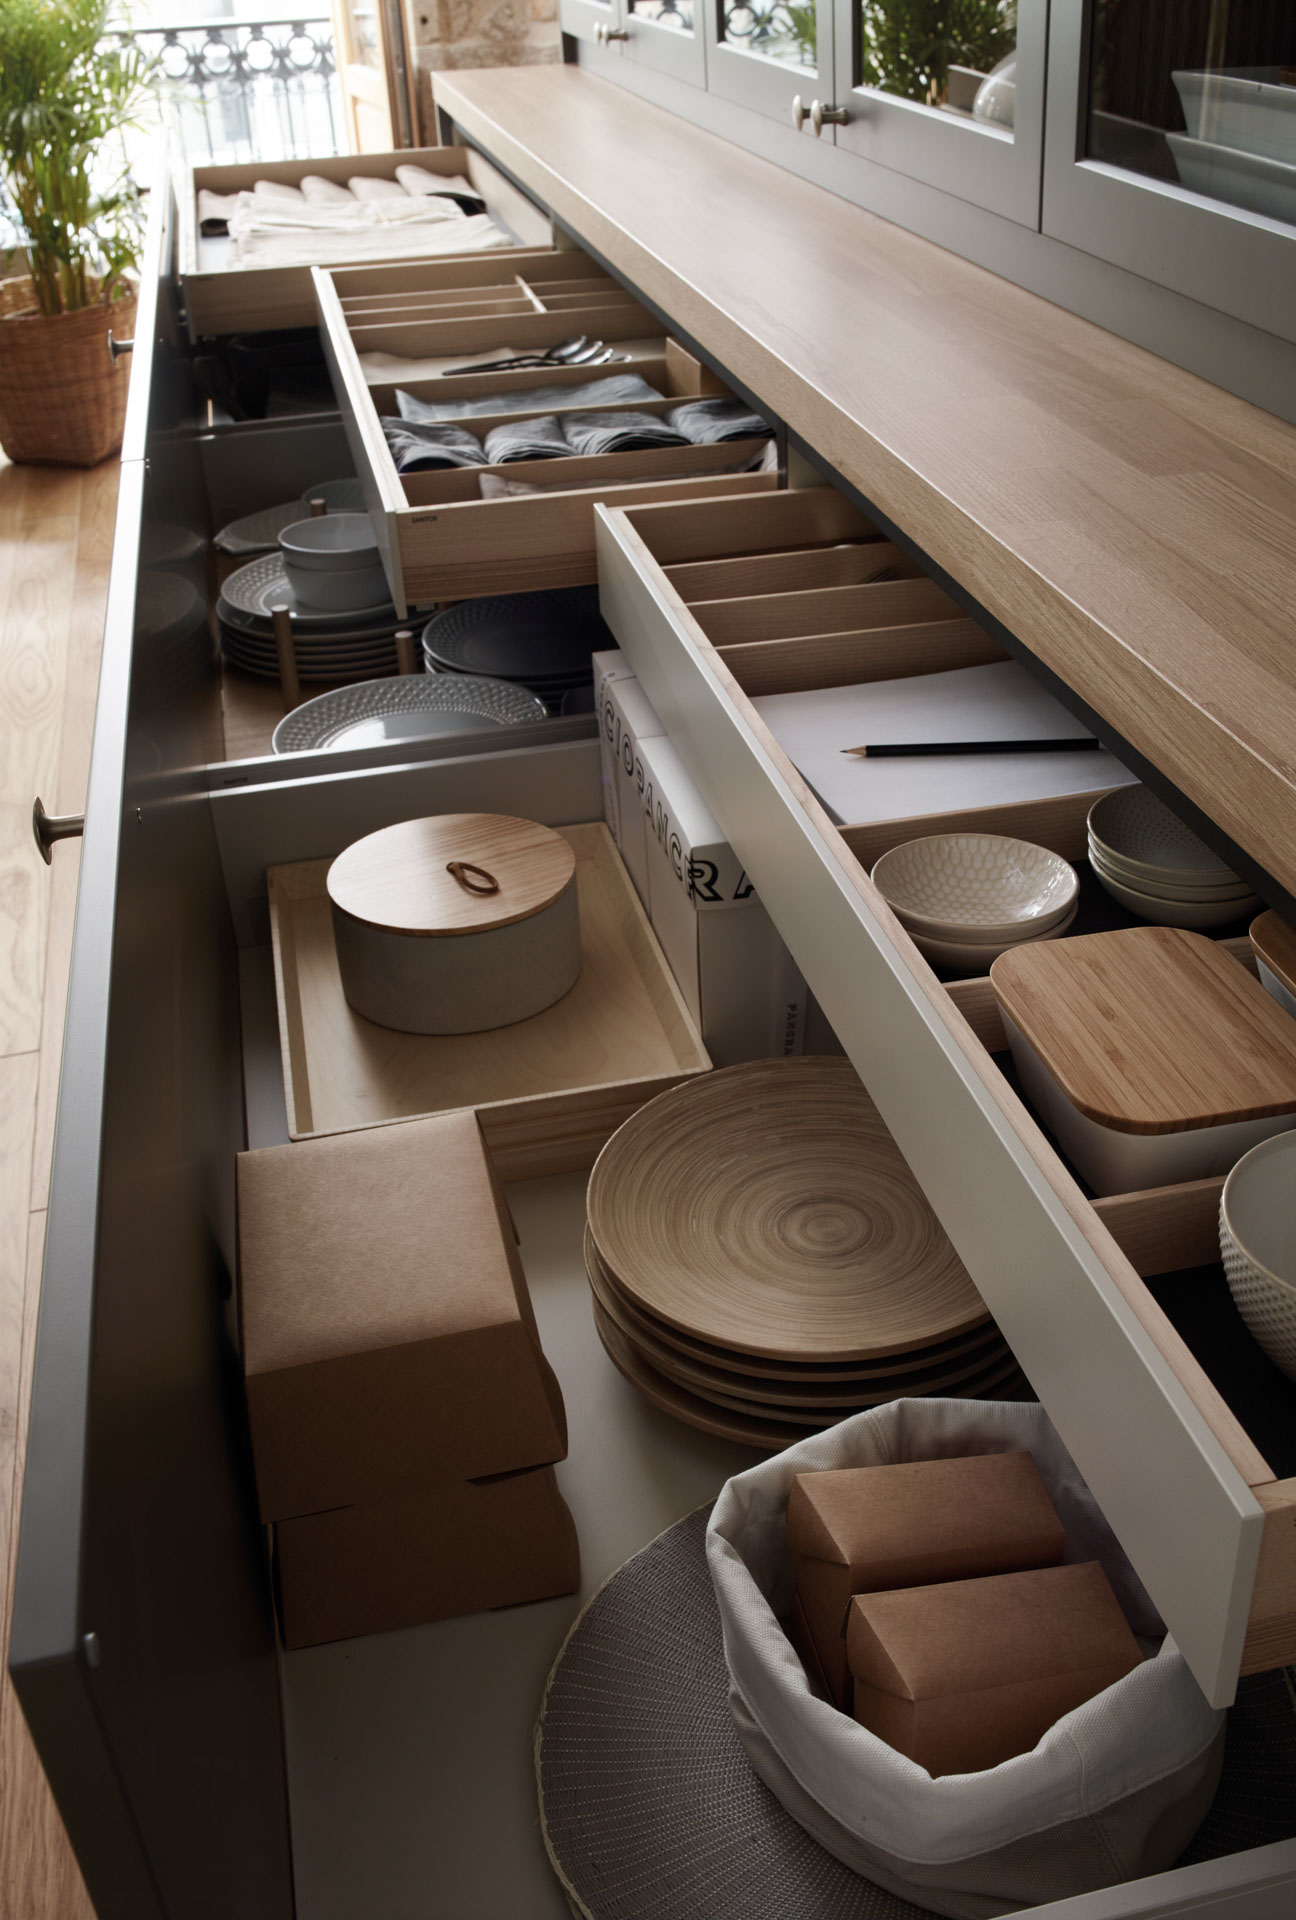 Aparador con cajones extraíbles en cocina grande